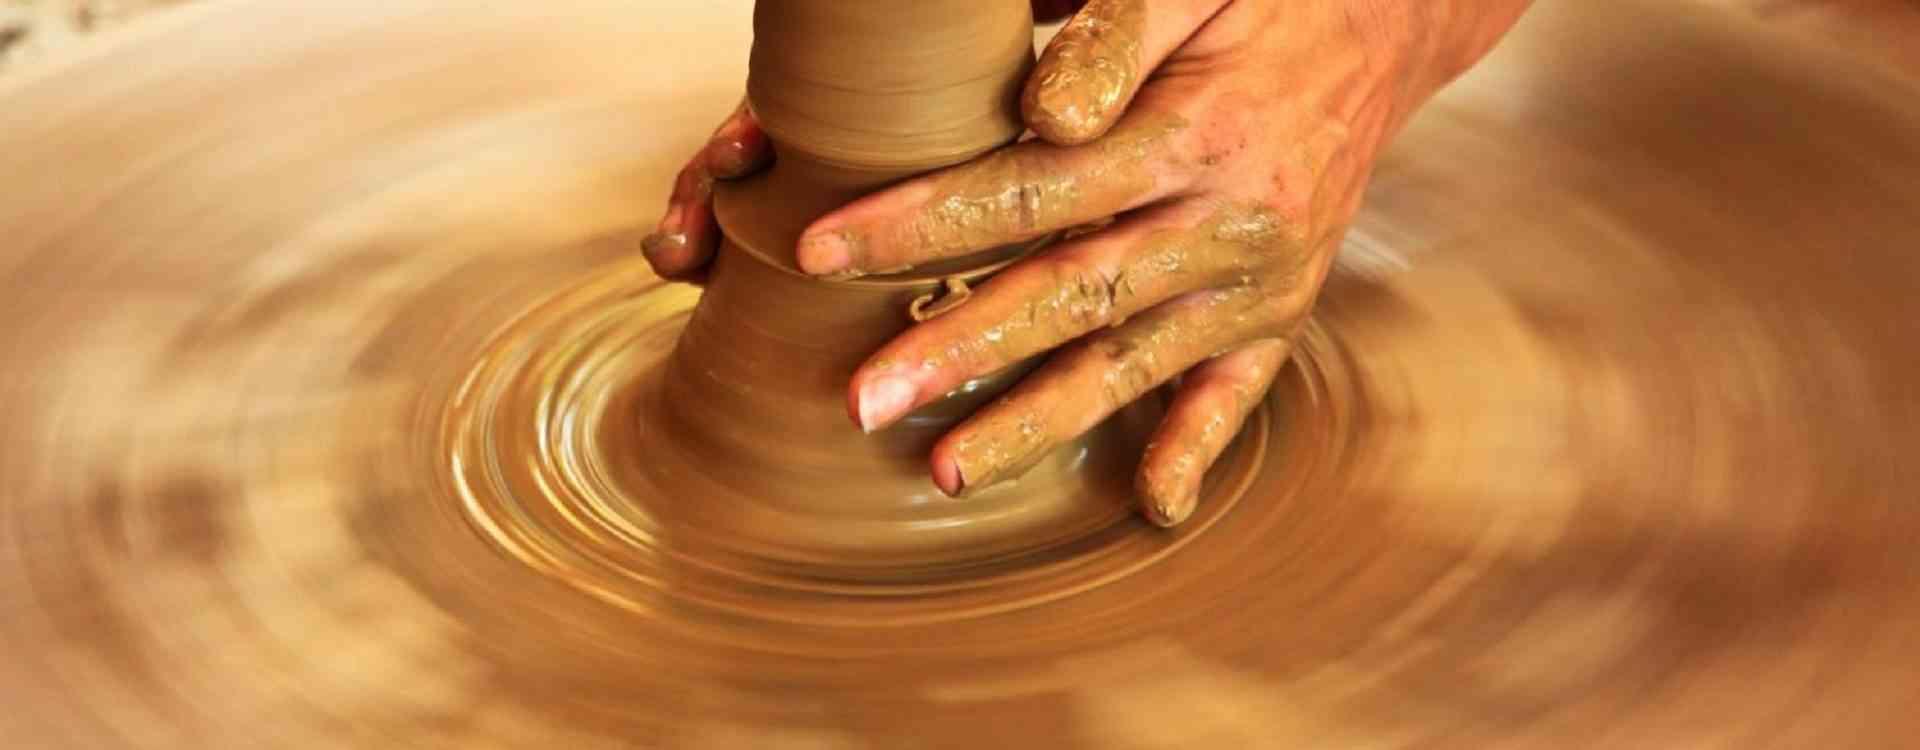 Handicraft pottery 2